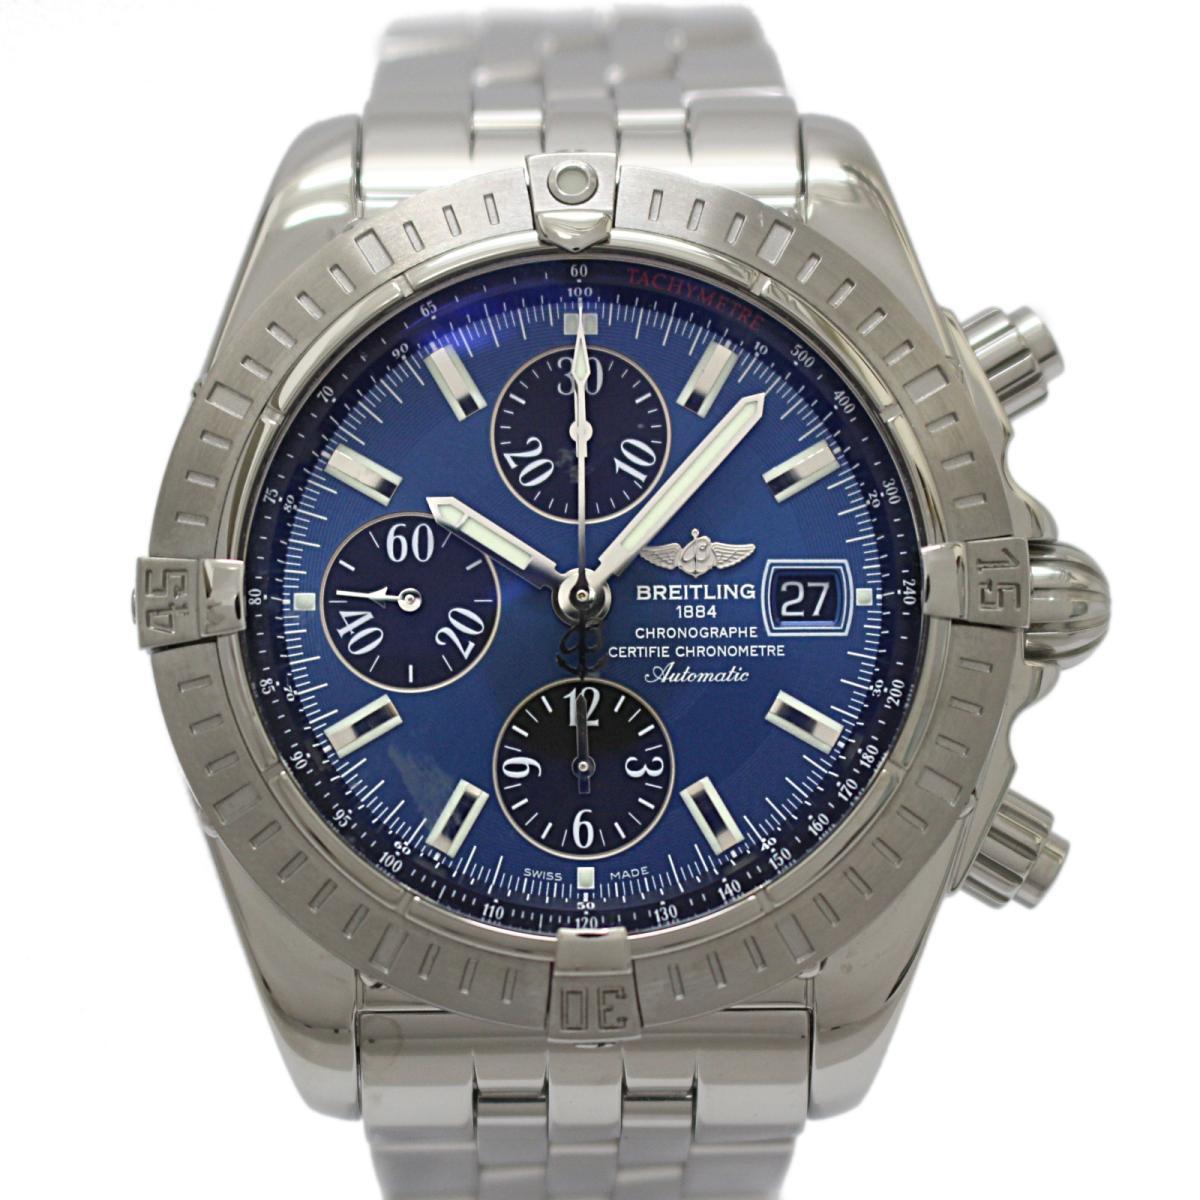 ≪期間限定≫メルマガ登録でクーポンGET! 【中古】 ブライトリング クロノマット エヴォリューション メンズ ウォッチ 腕時計 ステンレススチール (SS) (A156C05PA) | BREITLING BRANDOFF ブランドオフ ブランド ブランド時計 ブランド腕時計 時計